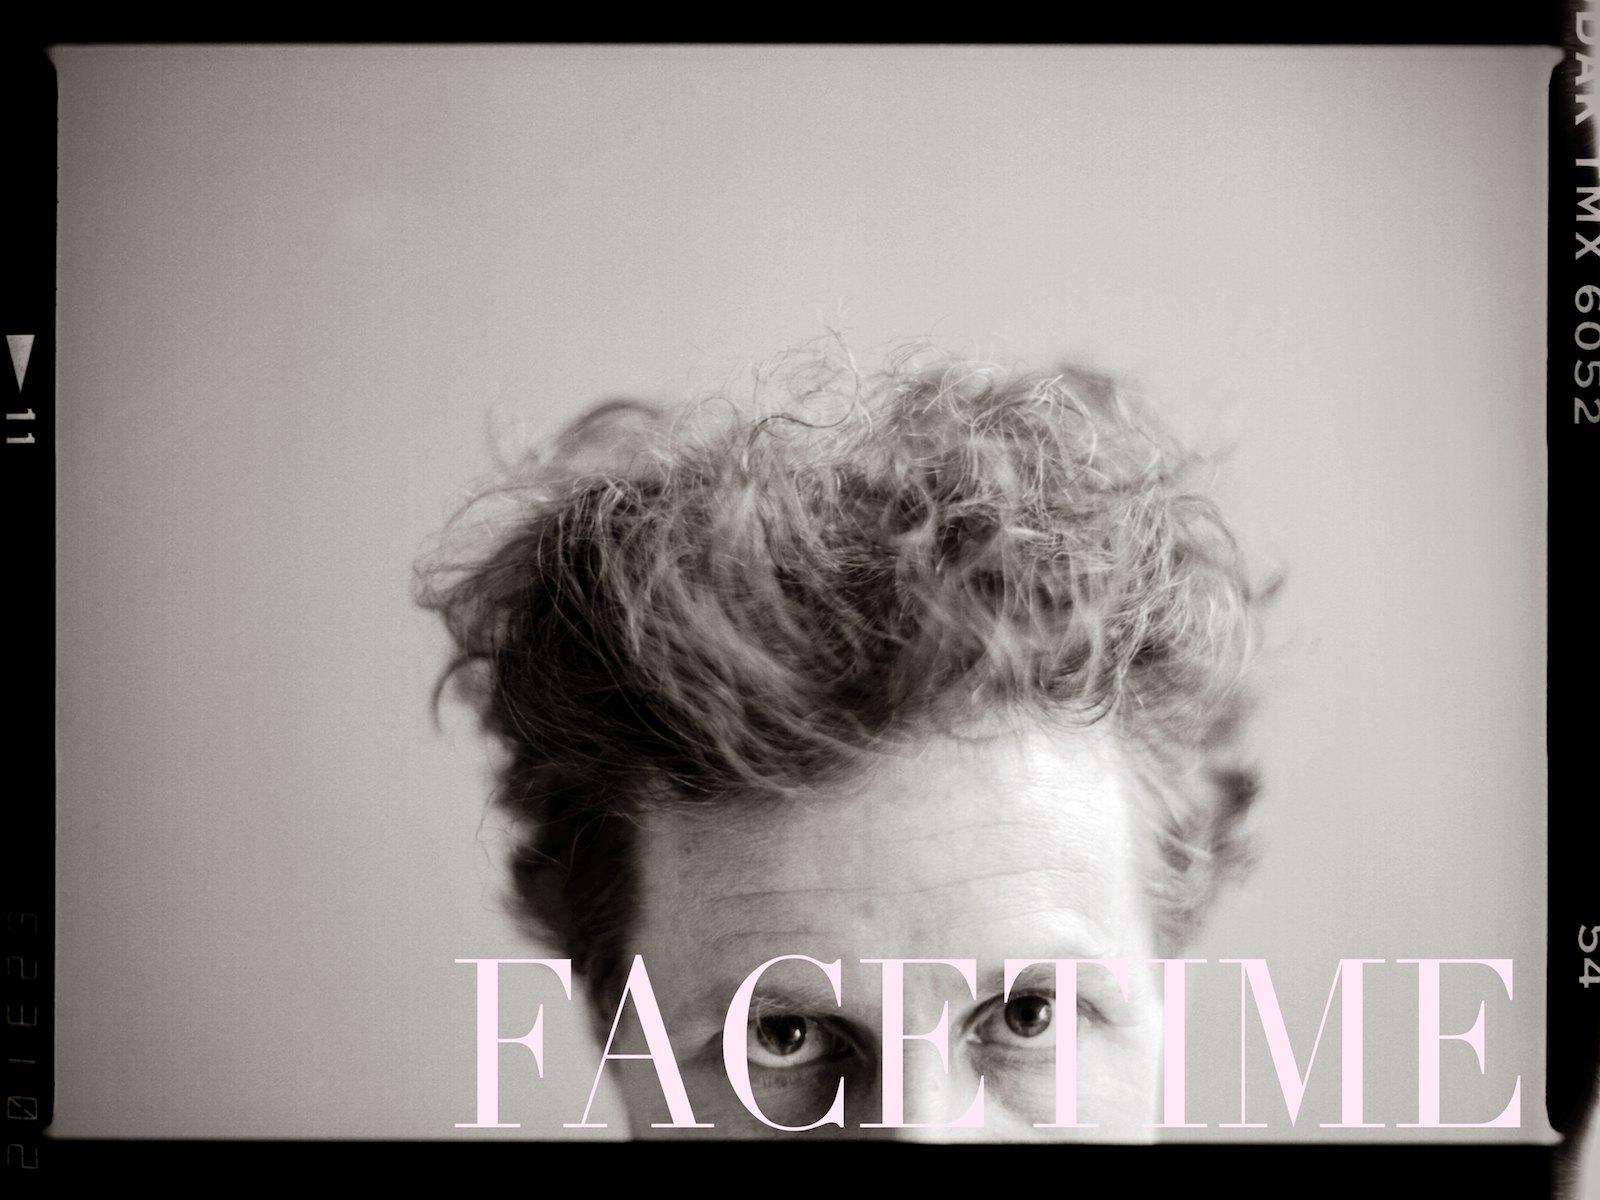 Facetime COVER.jpg